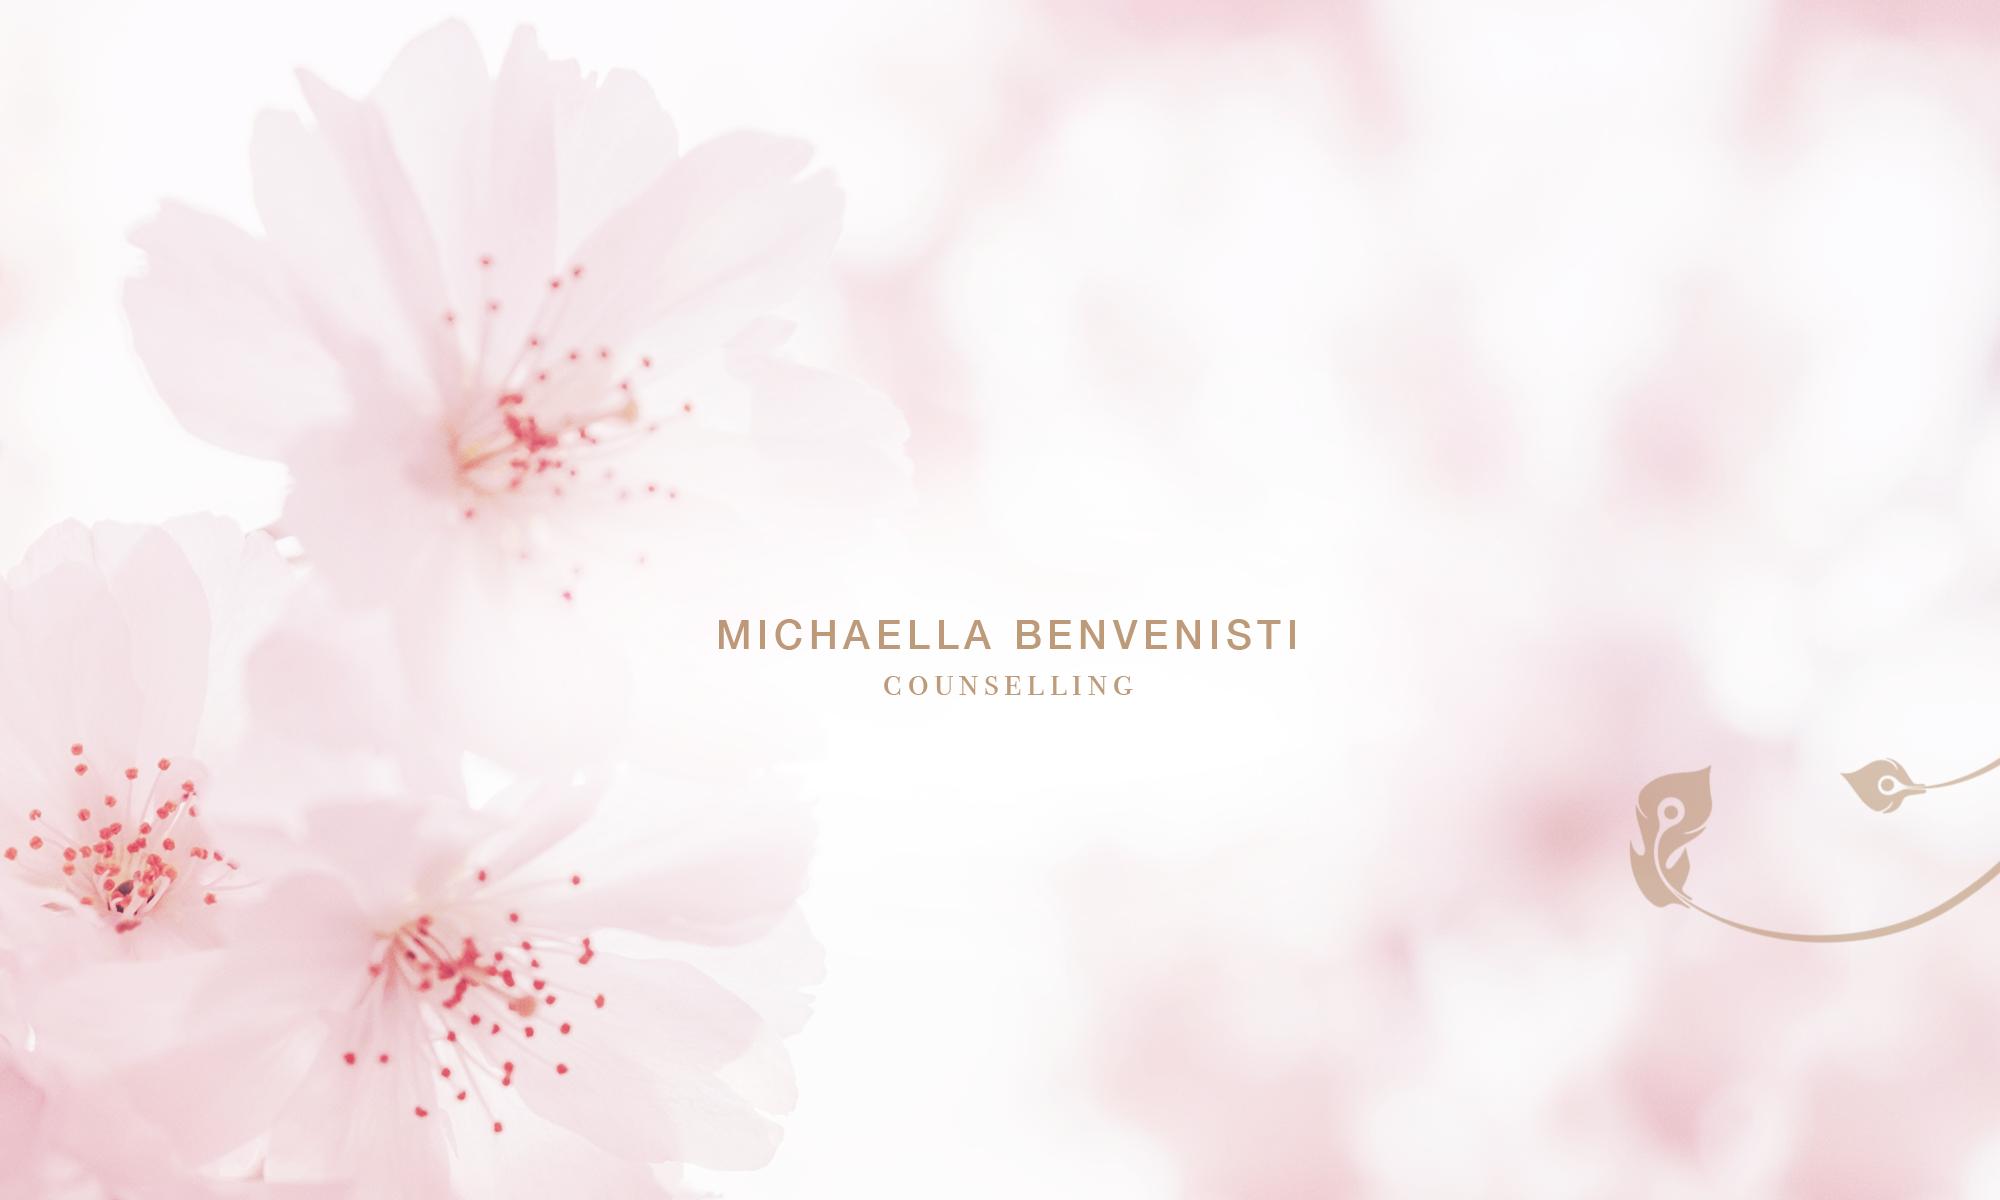 Michaella Benvenisti